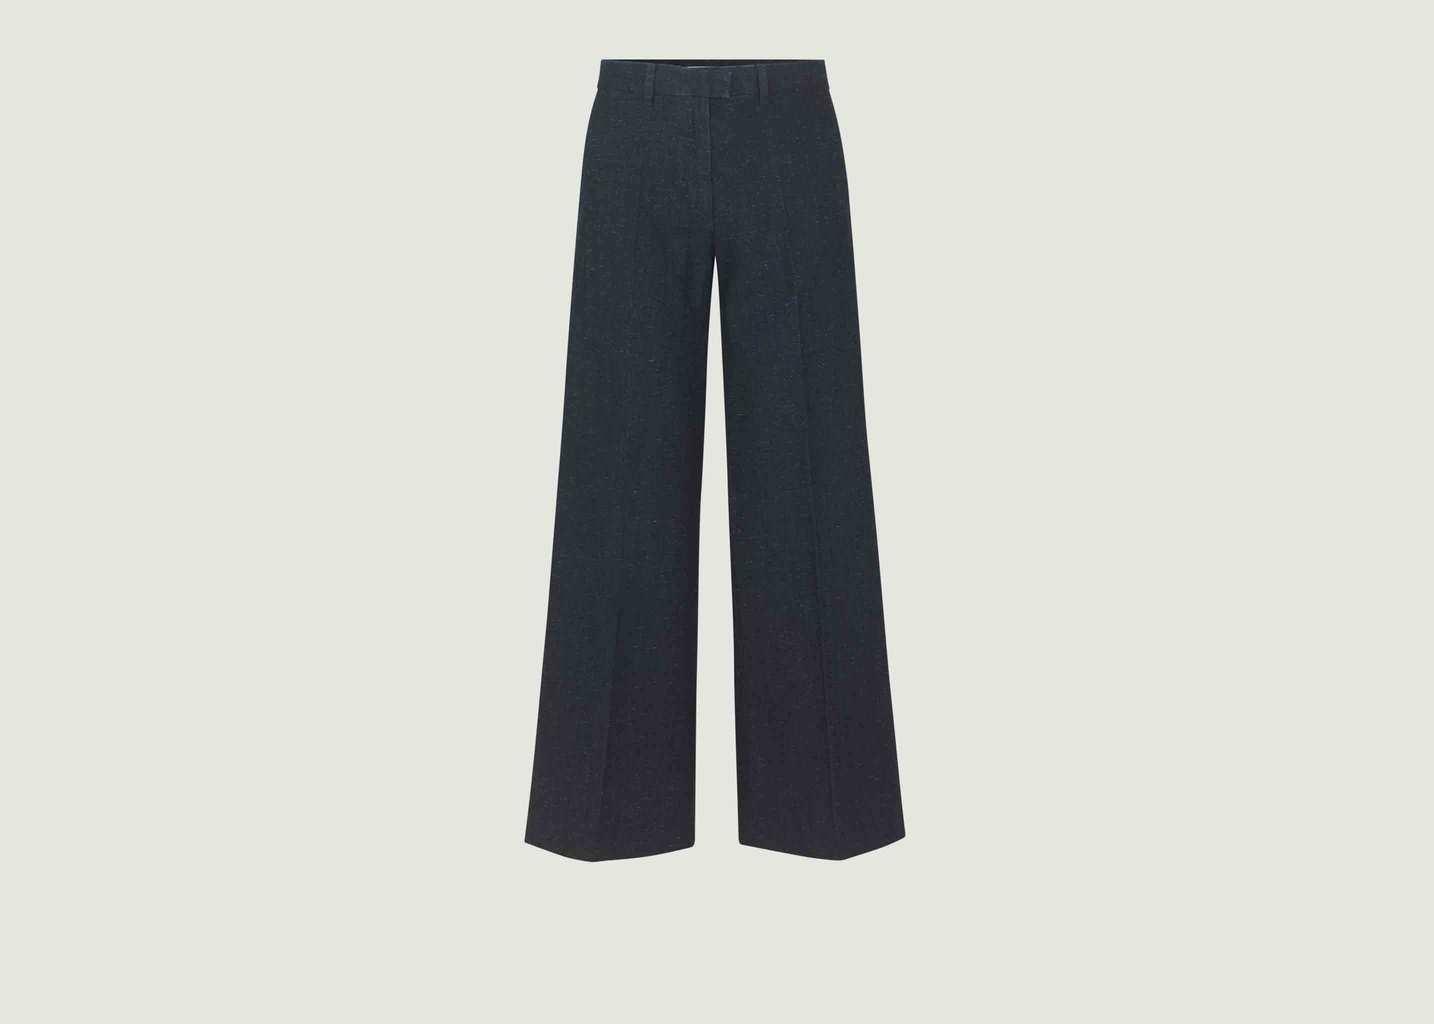 Pantalon Évasé Collot - Samsoe Samsoe